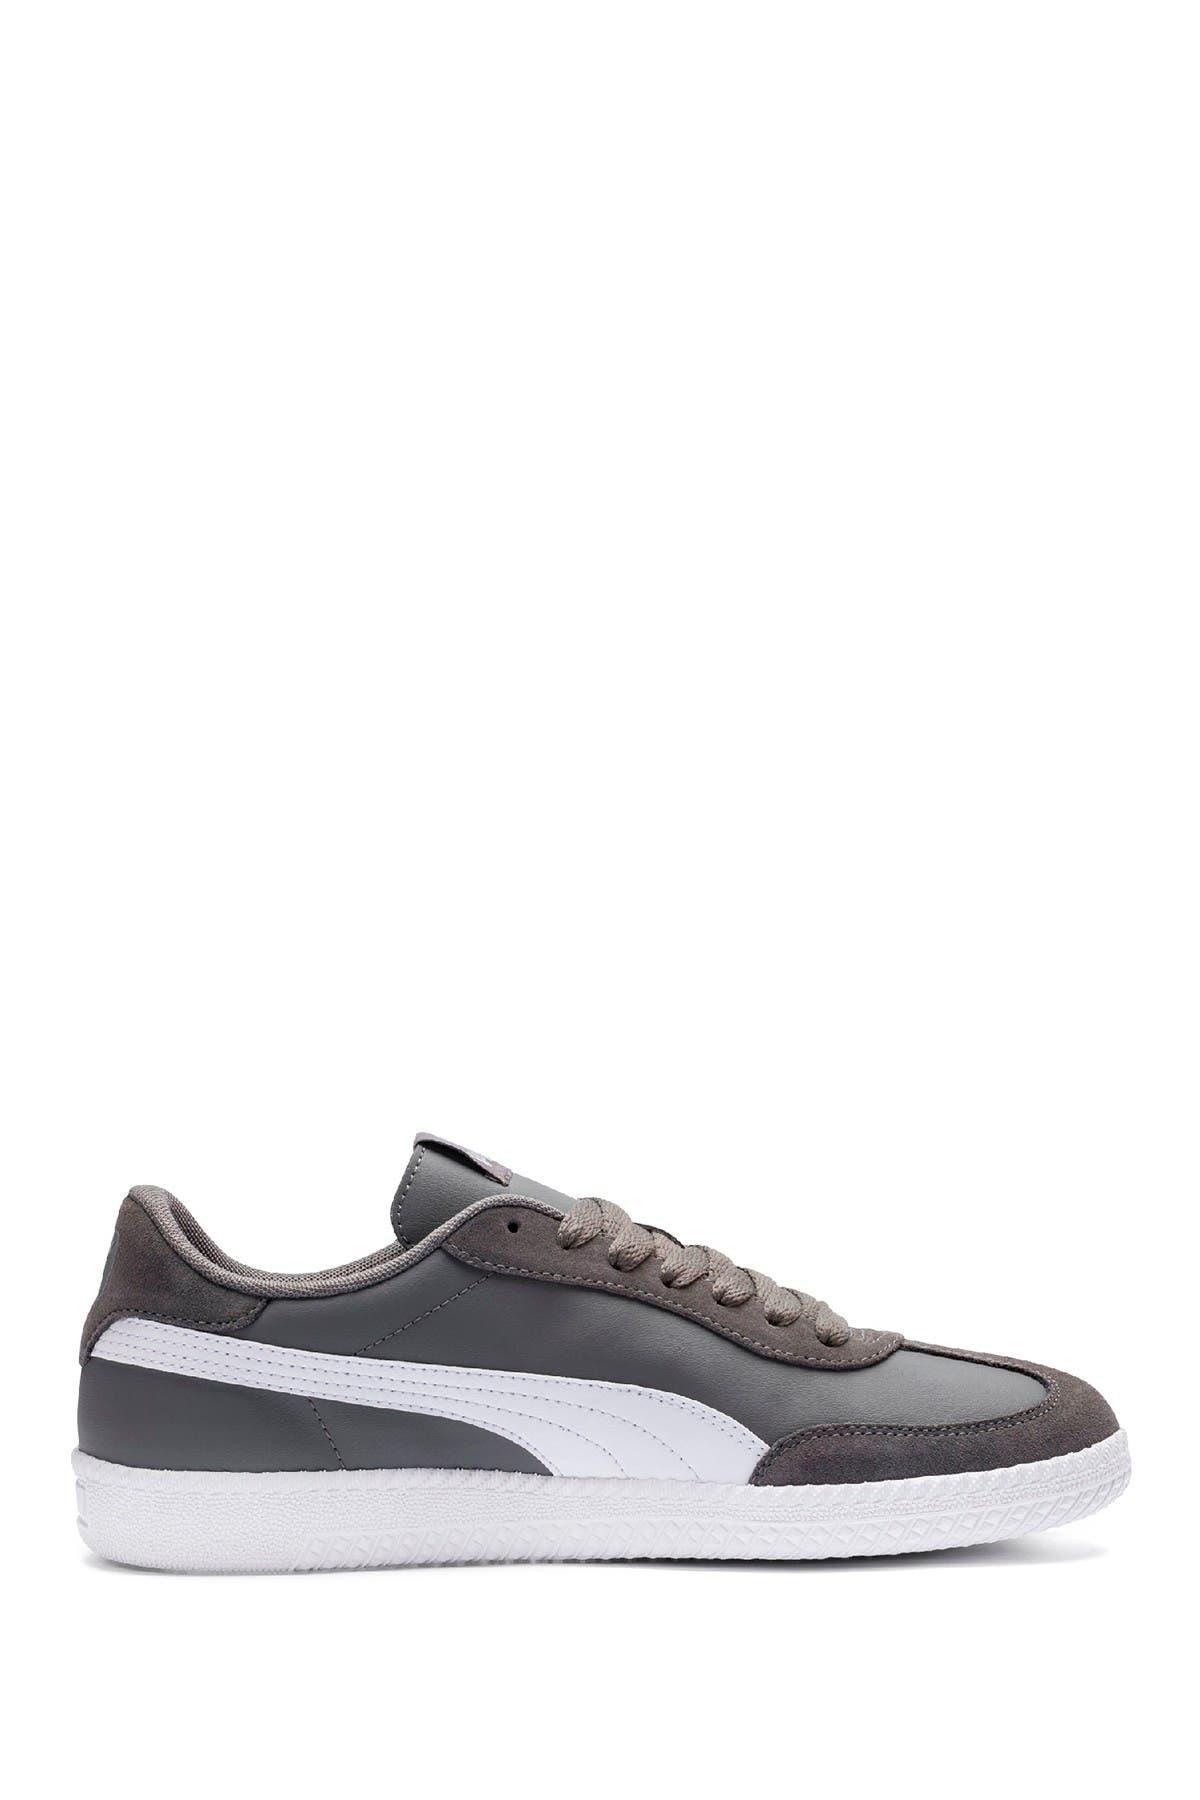 PUMA | Astro Cup SL Sneaker | Nordstrom